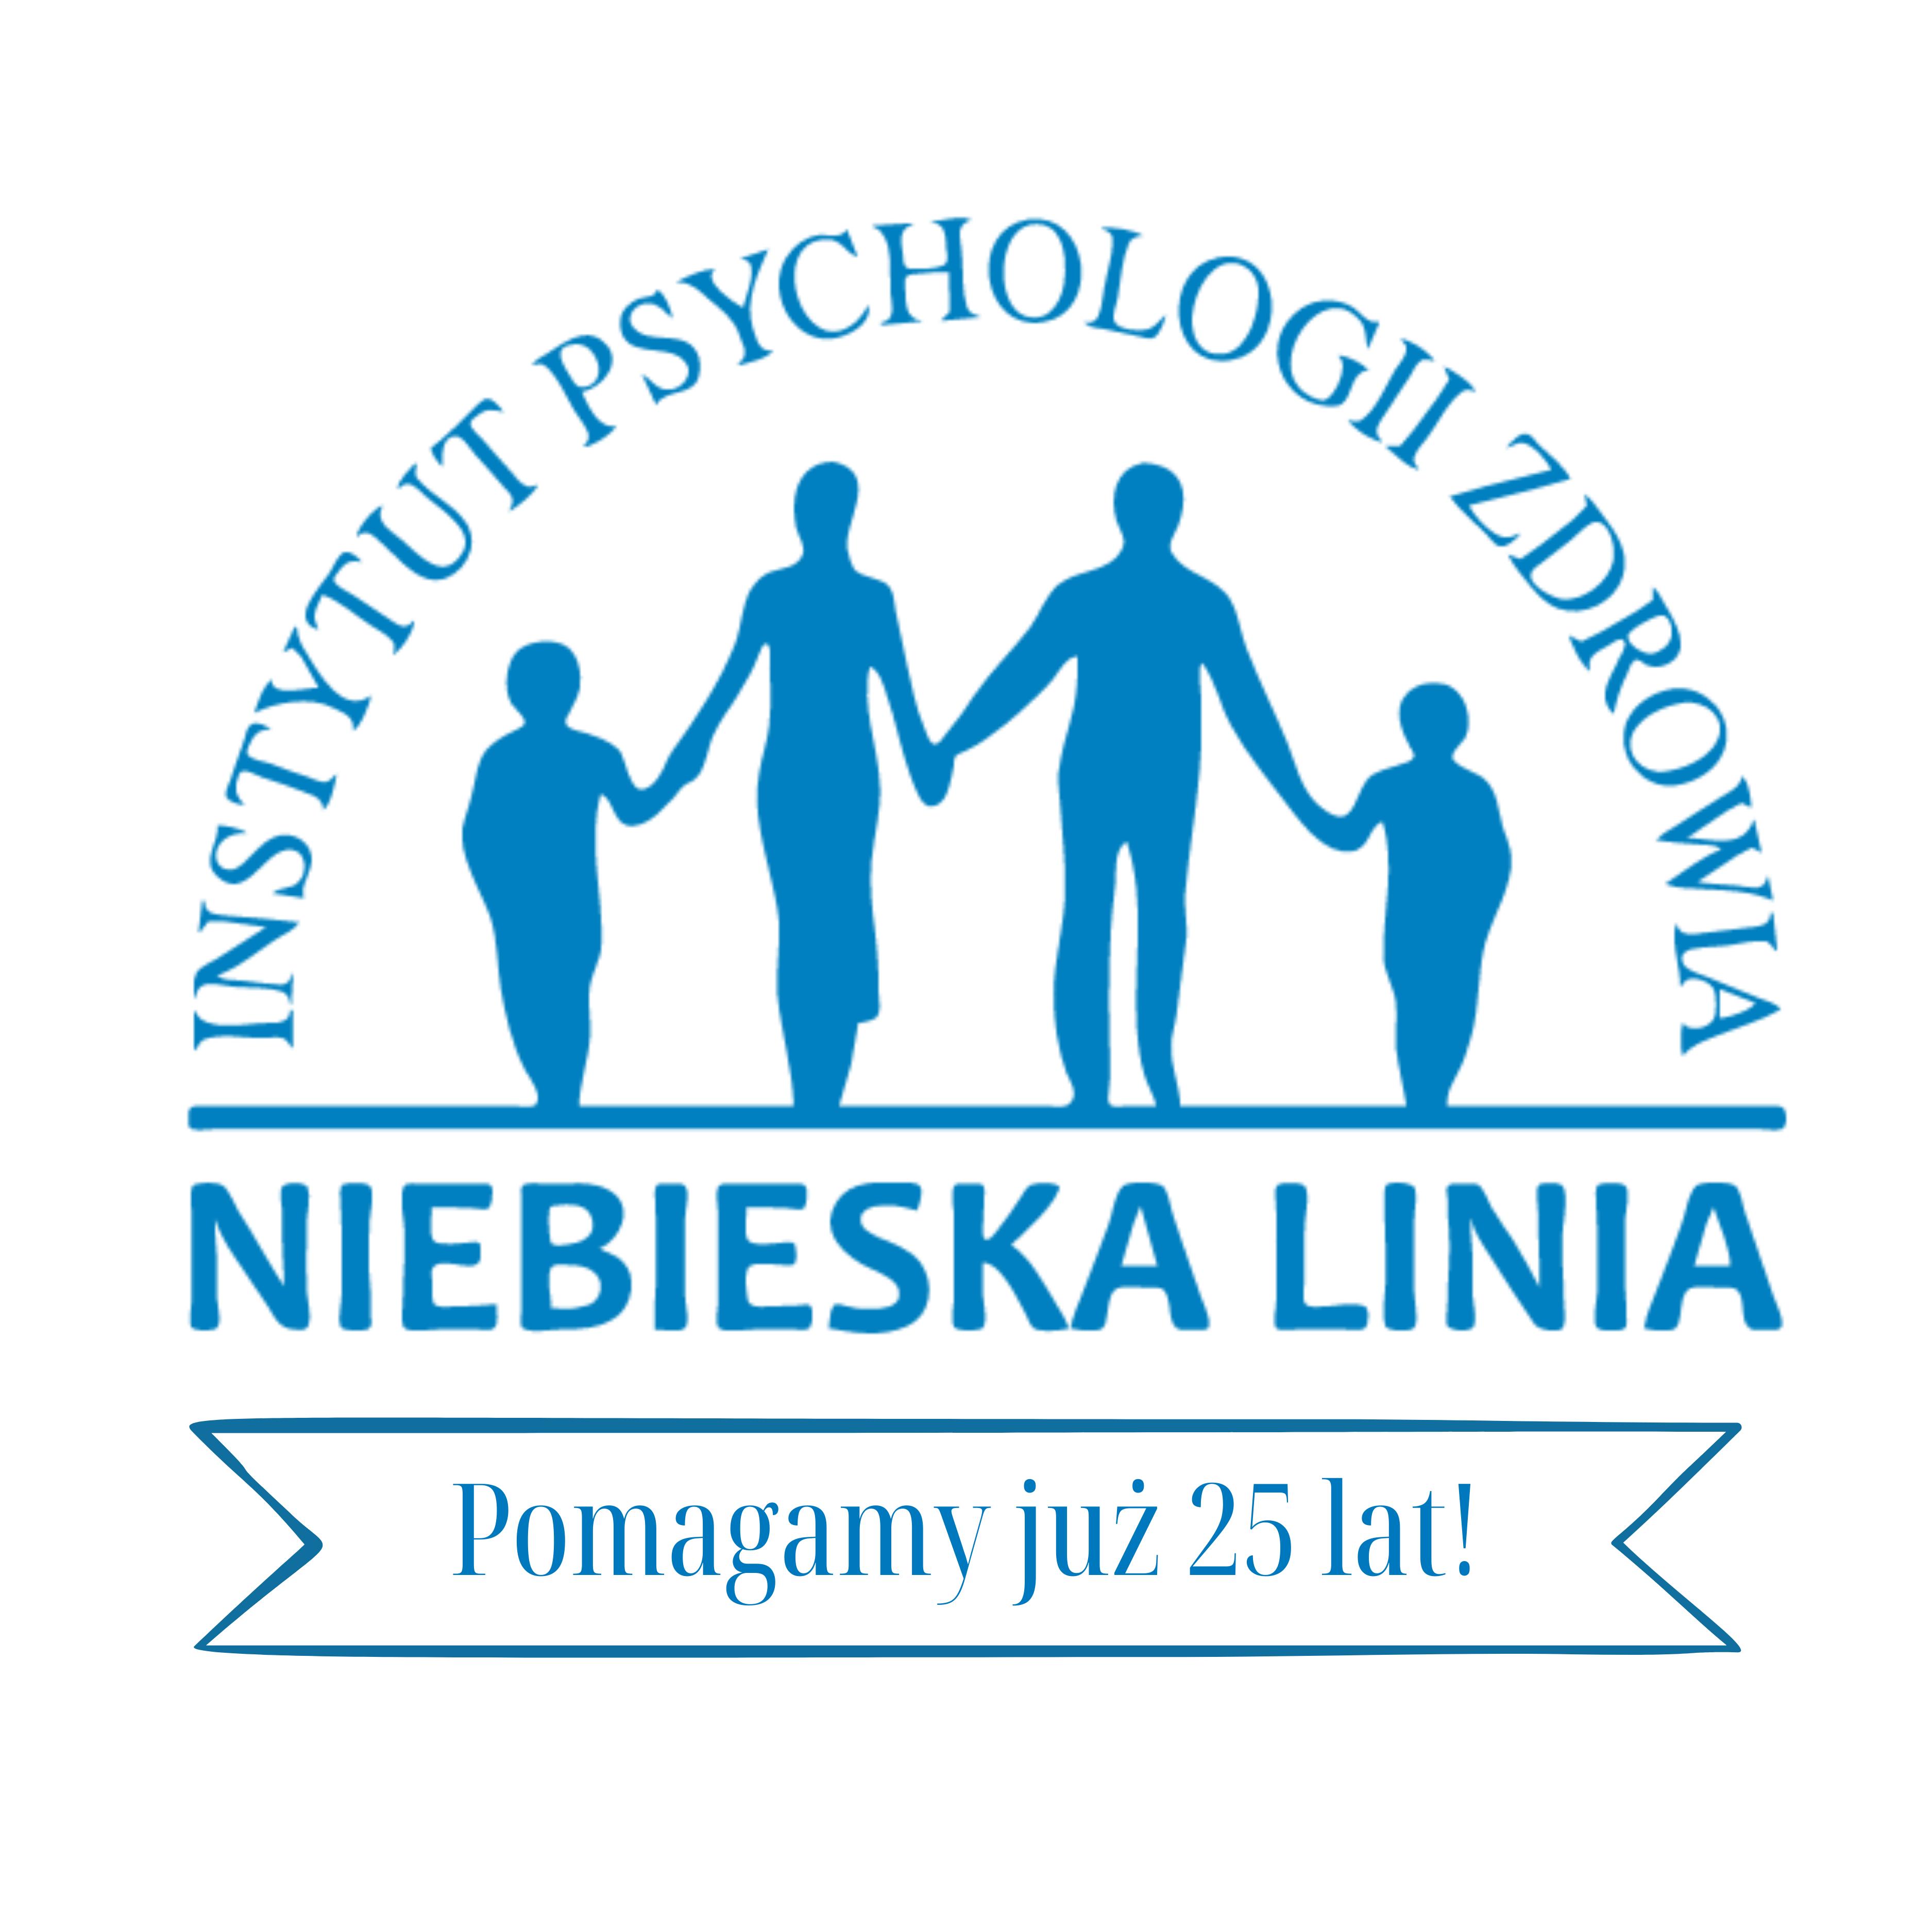 Logotyp Instytutu Psychologii Zdrowia Niebieska Linia